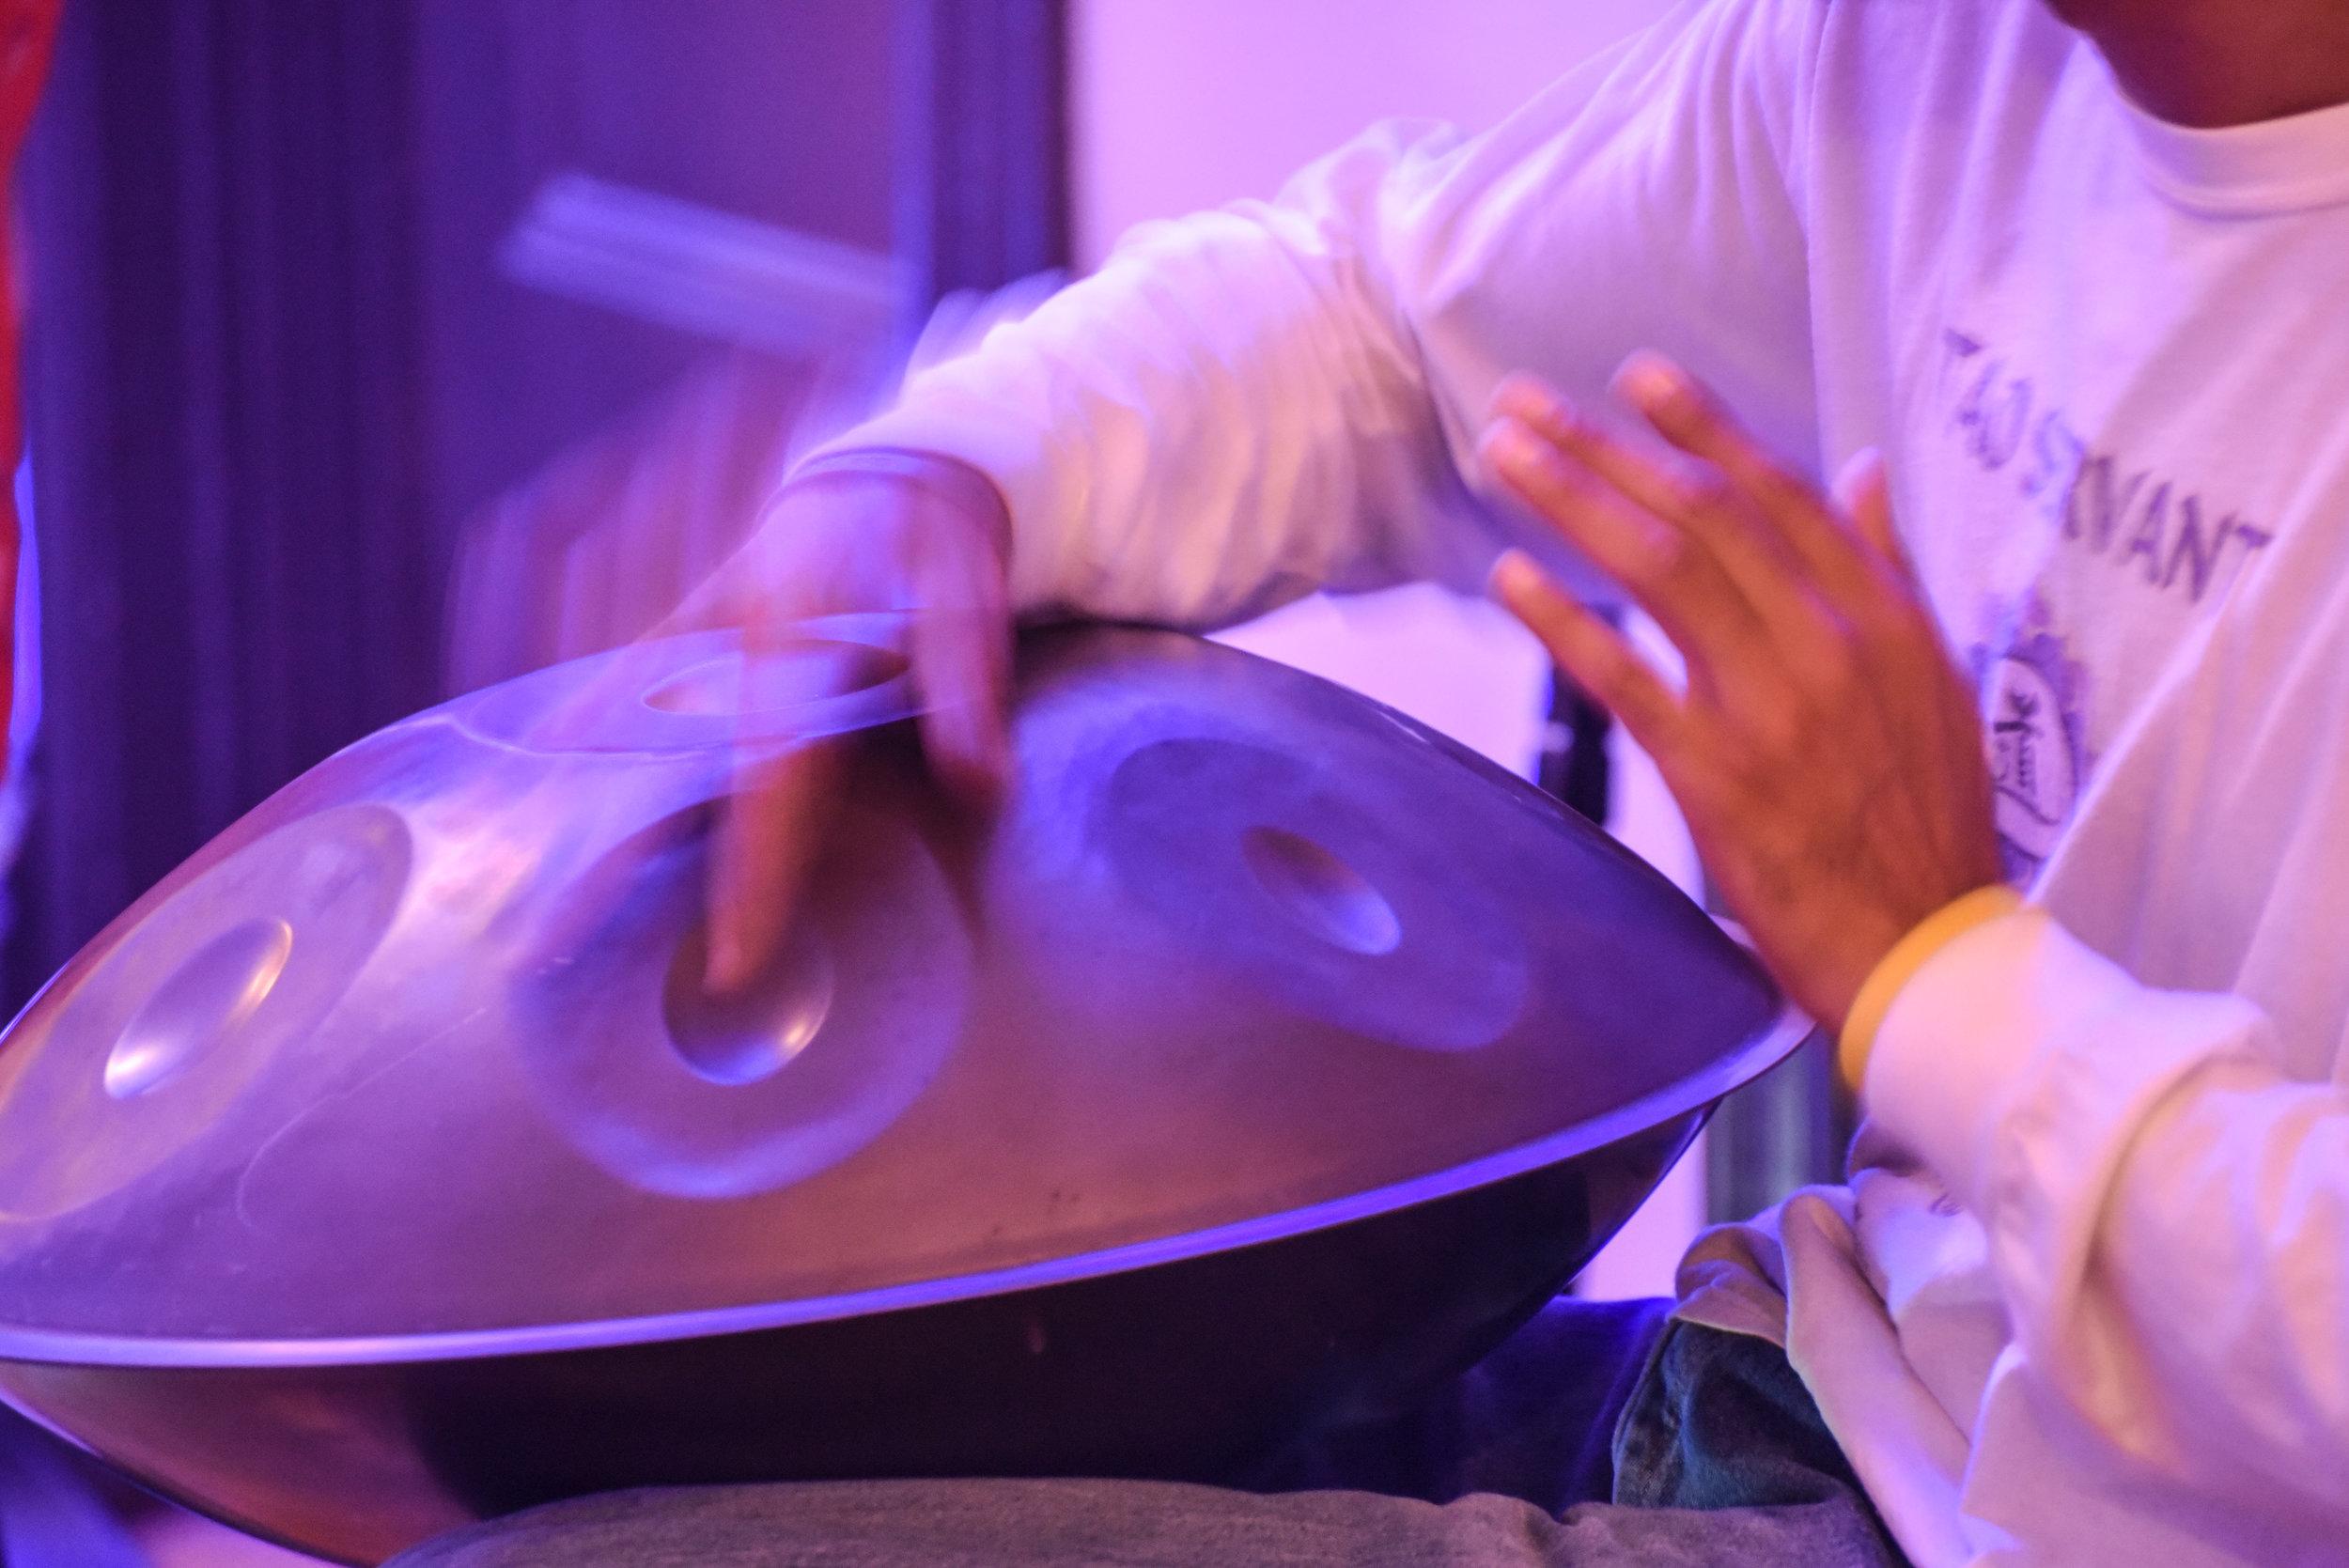 Pop Villa Wellness Event Photo by Spirit Stock - Photographer Fonna Seidu (77 of 88).jpg